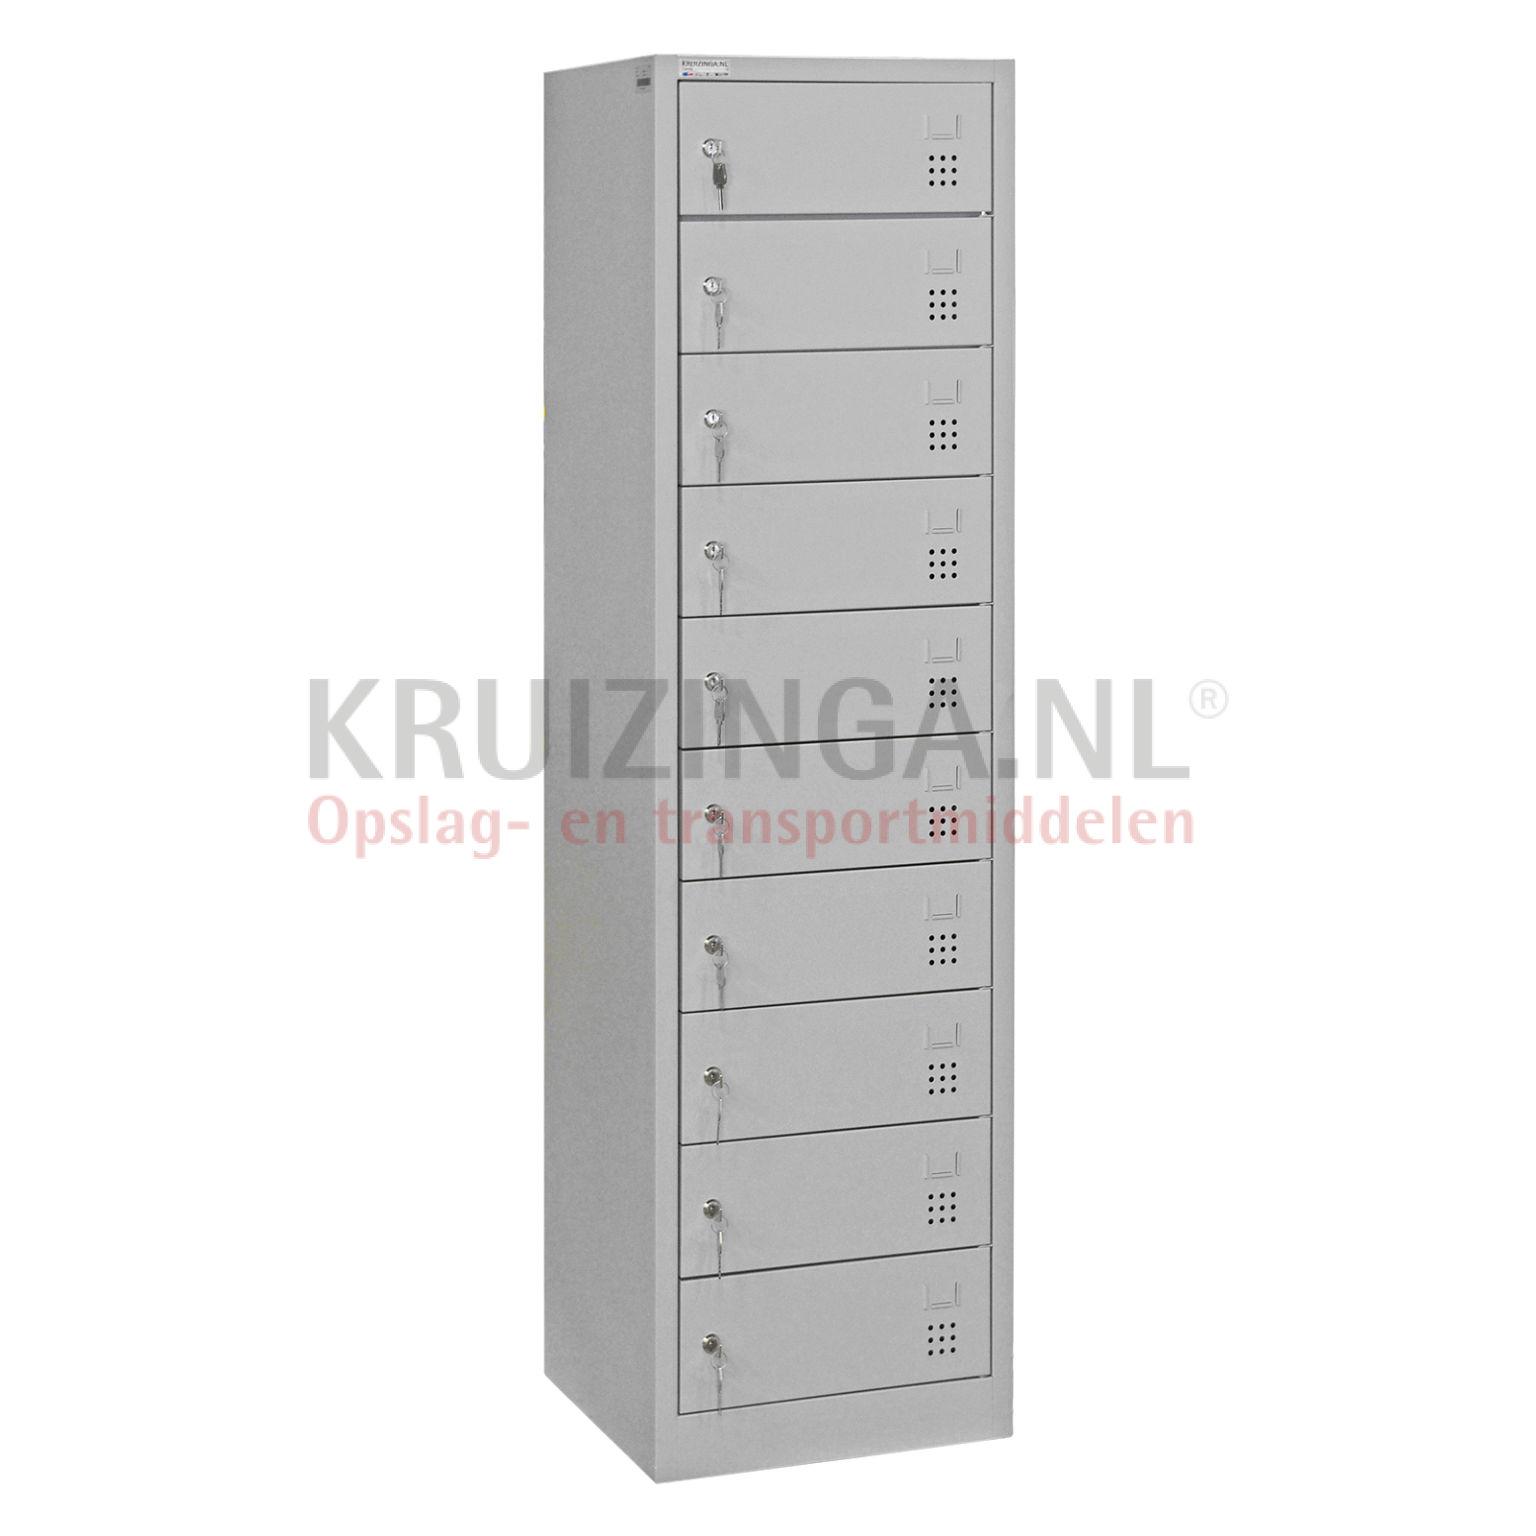 armoire armoire pour ordinateur portable 10 portes 597 50 frais de livraison inclus. Black Bedroom Furniture Sets. Home Design Ideas